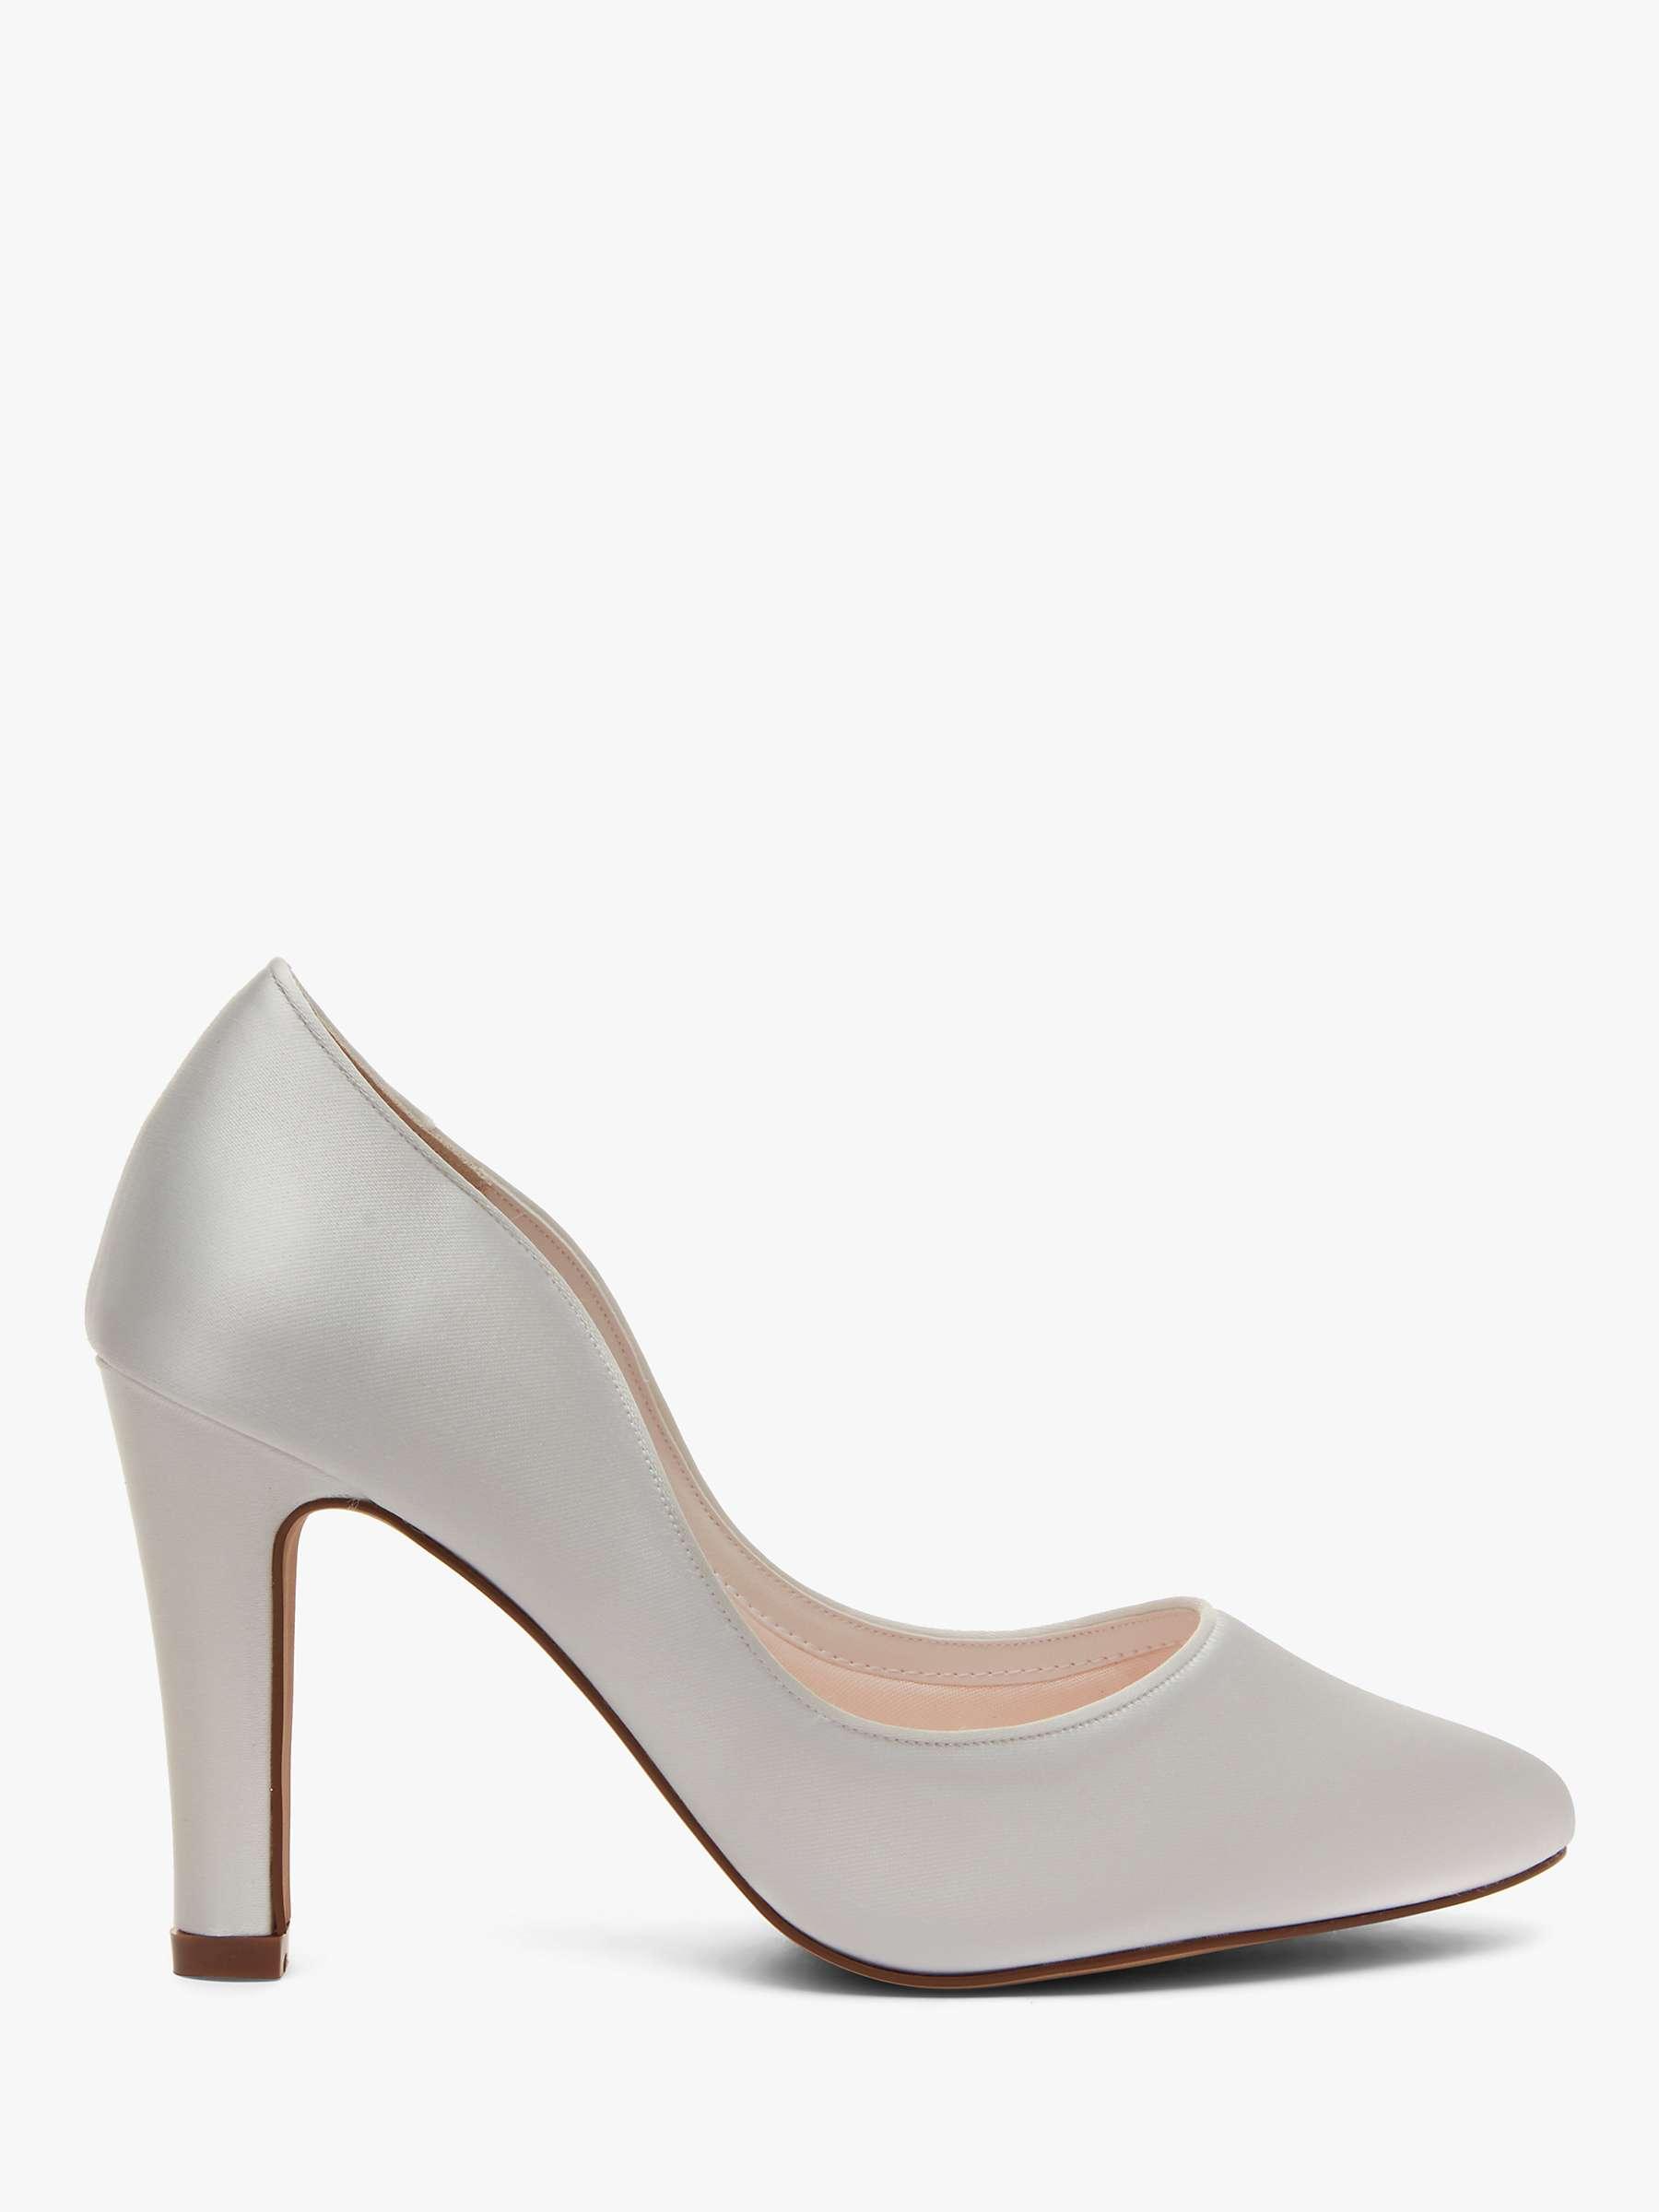 Rainbow Club Ebony Court Shoes Ivory